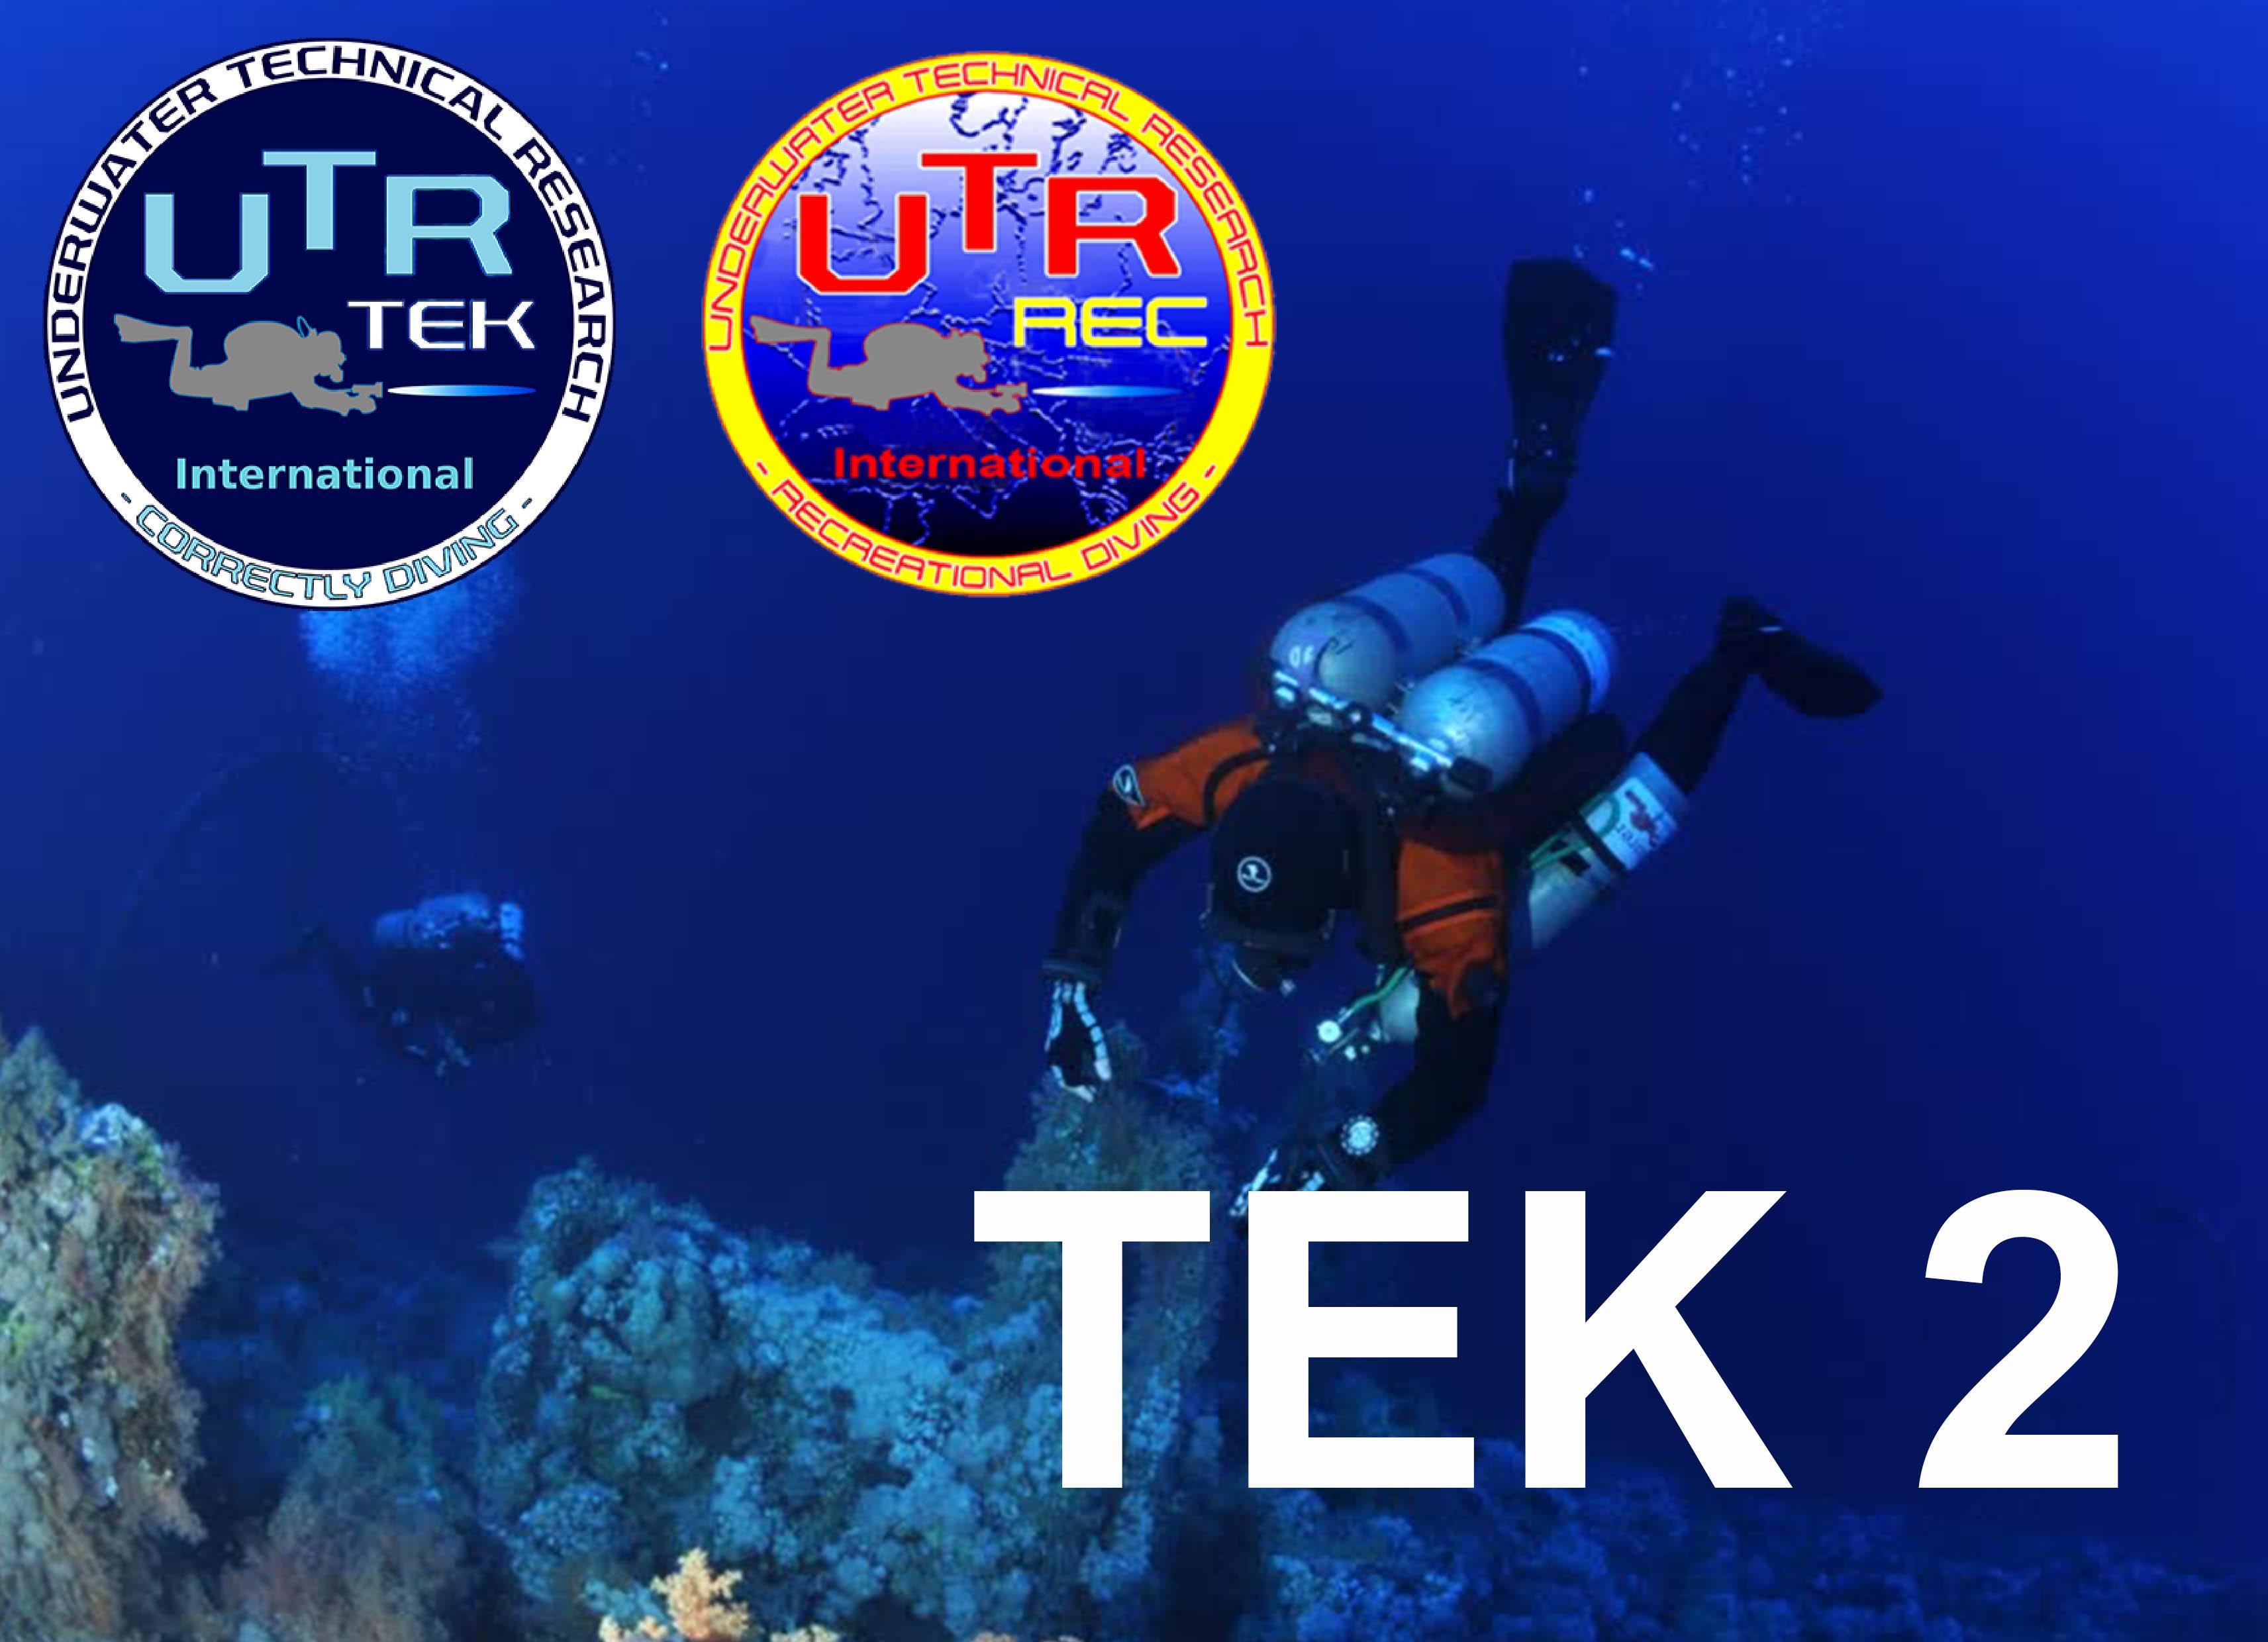 TEK 2 TRIMIX